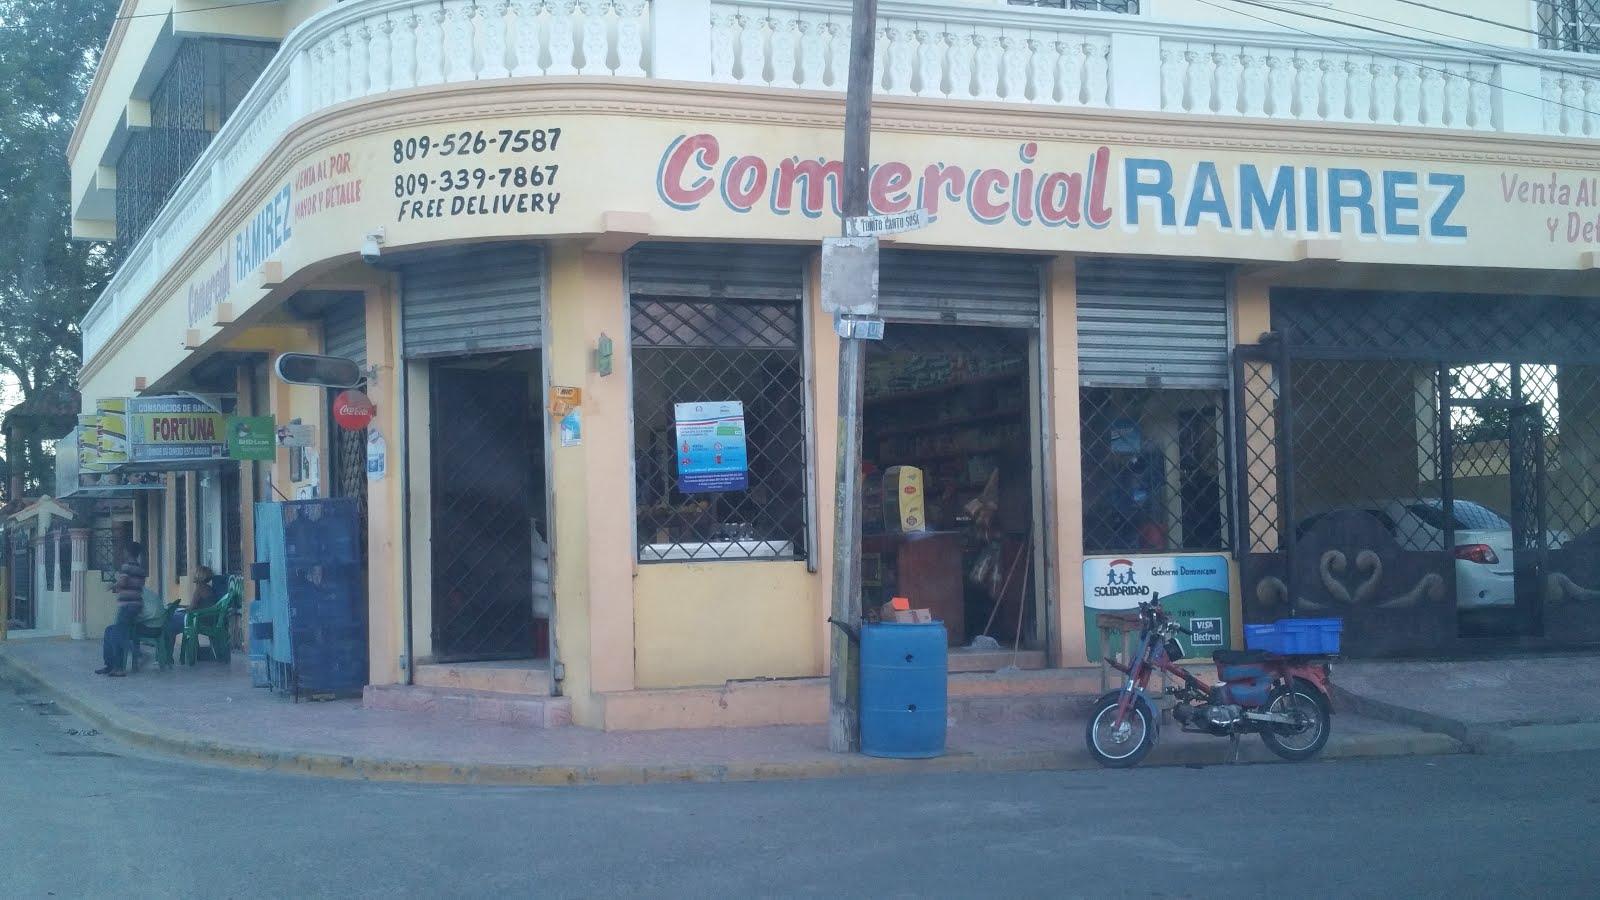 Comercial Ramírez tL 526-7587 -CL.339-6776 Free Delivery